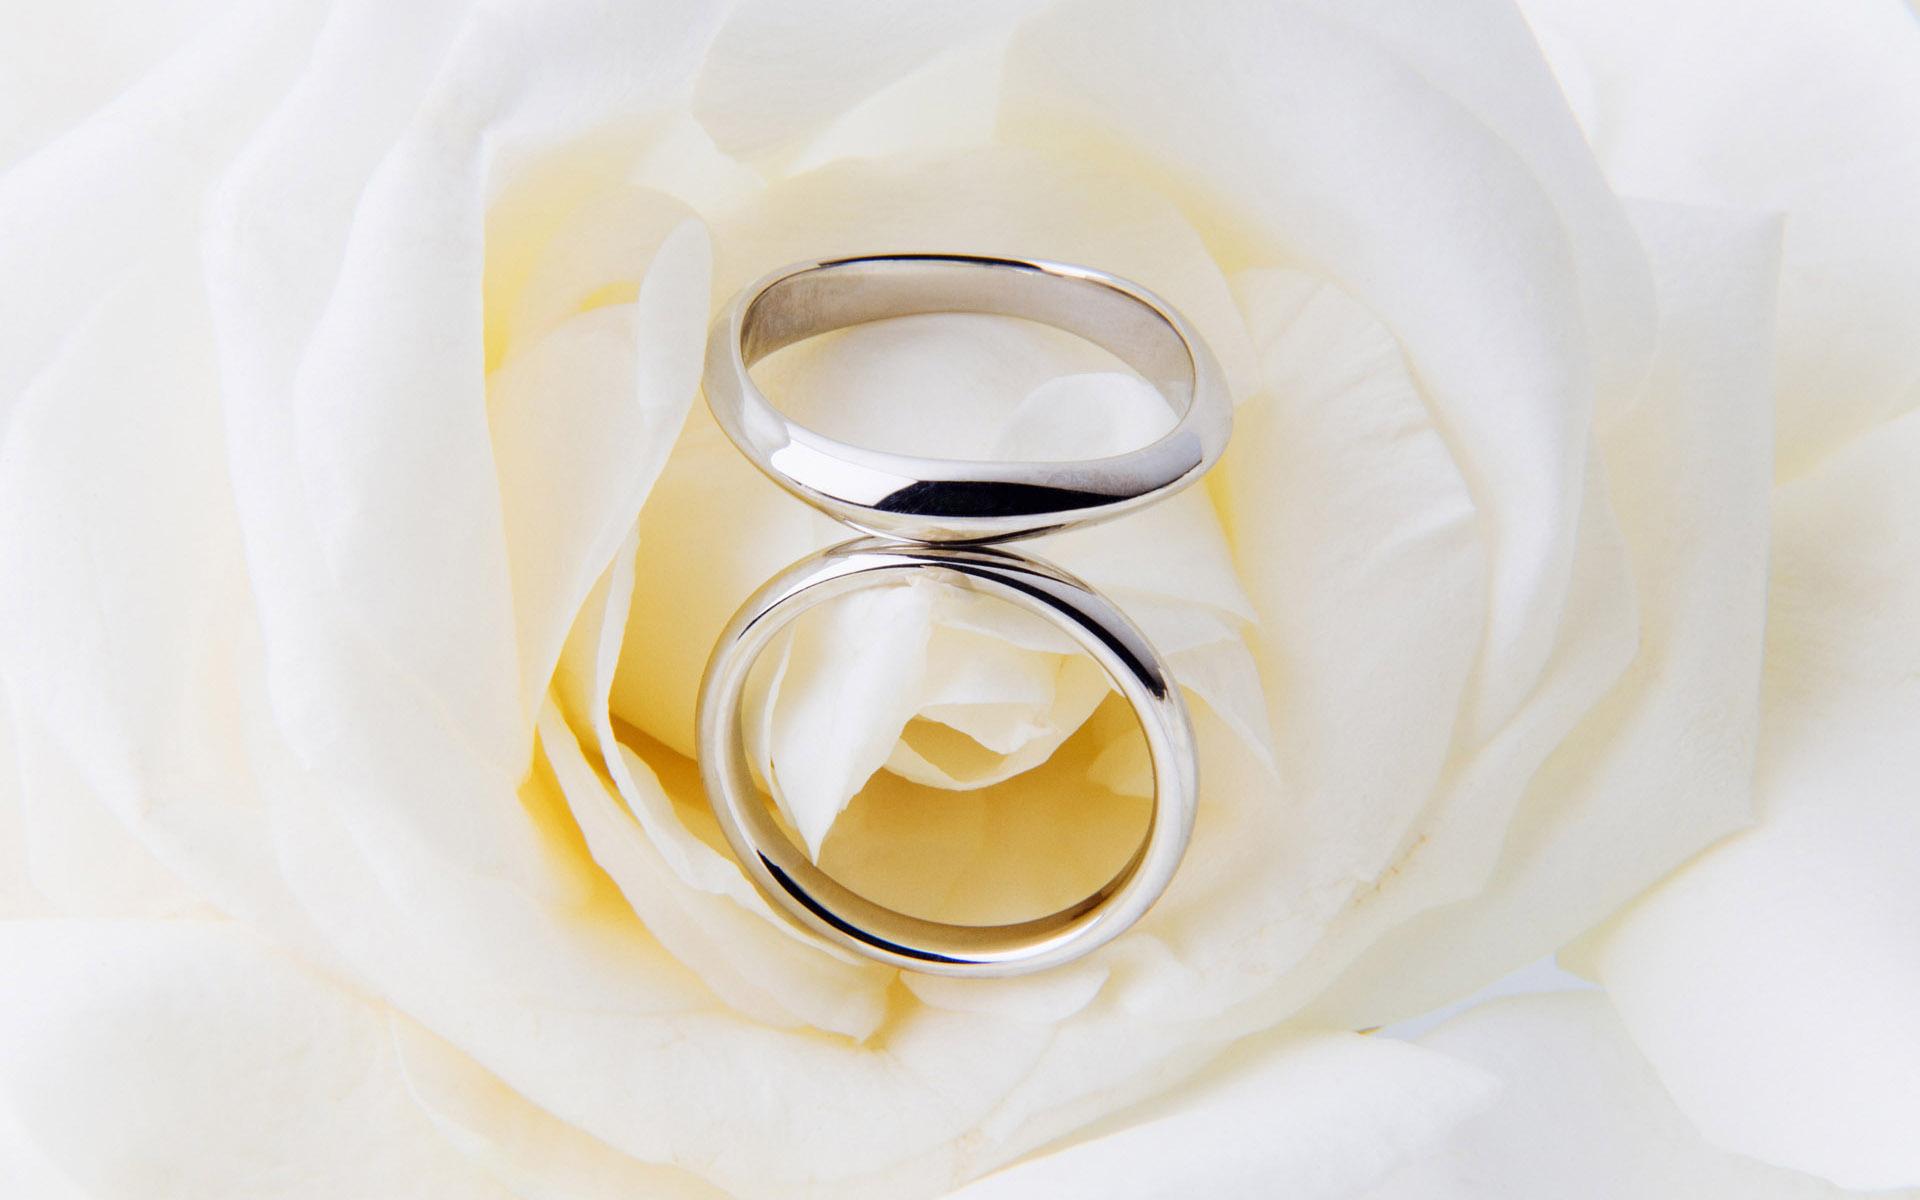 آیا آمادگی و شرایط ازدواج را دارید ؟-درست مصرف کنیم-آگاهی مصرف-آموزش همگانی